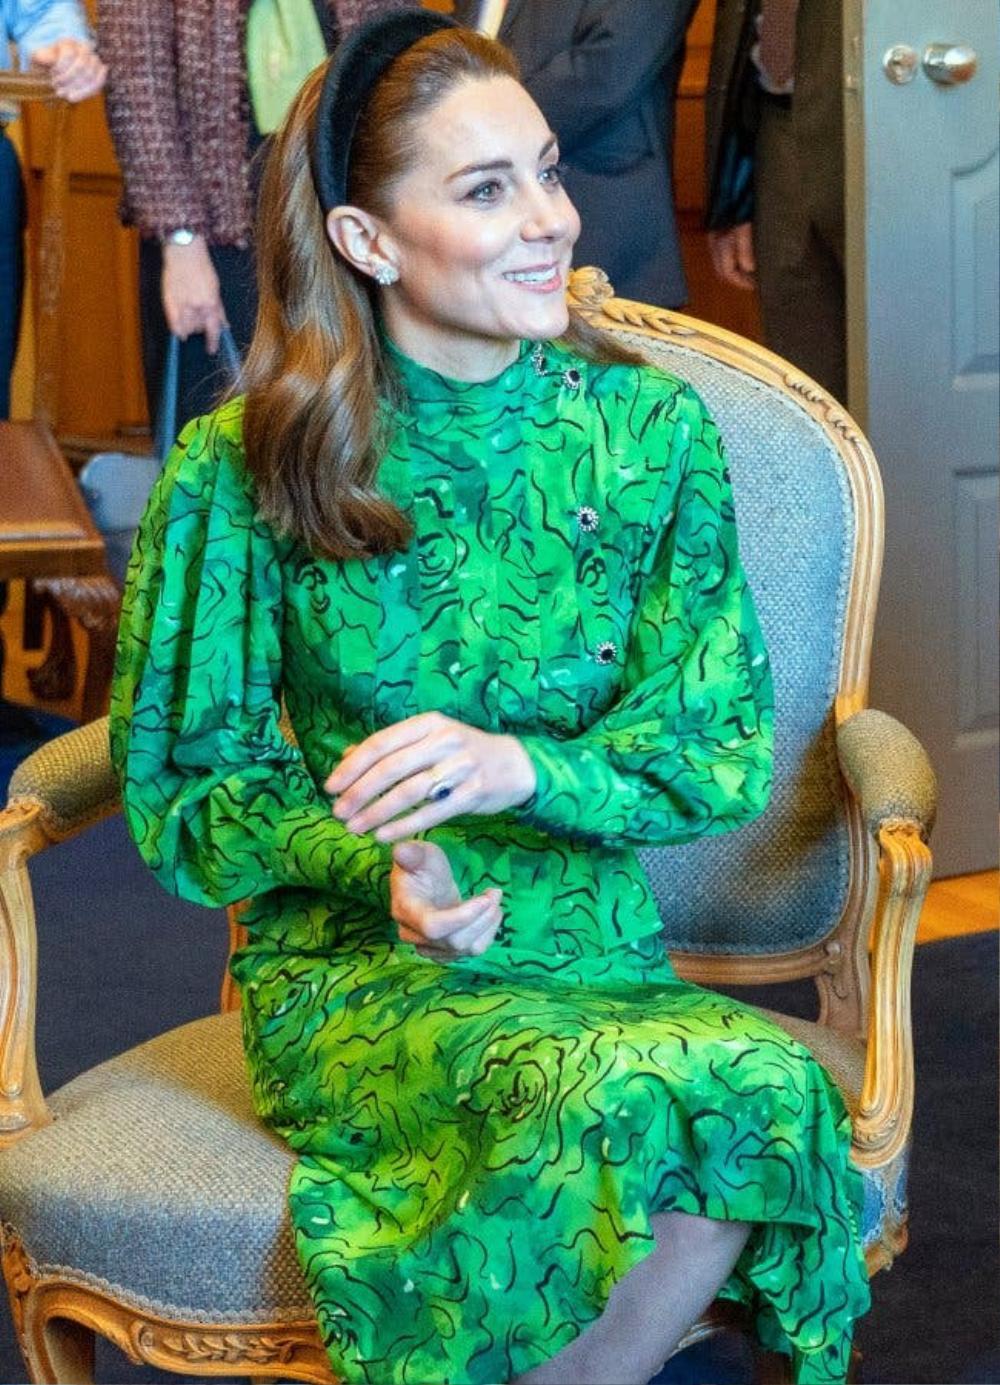 Bí ẩn tủ đồ Hoàng gia: Tại sao Kate Middleton thích mặc màu xanh lá cây? Ảnh 1